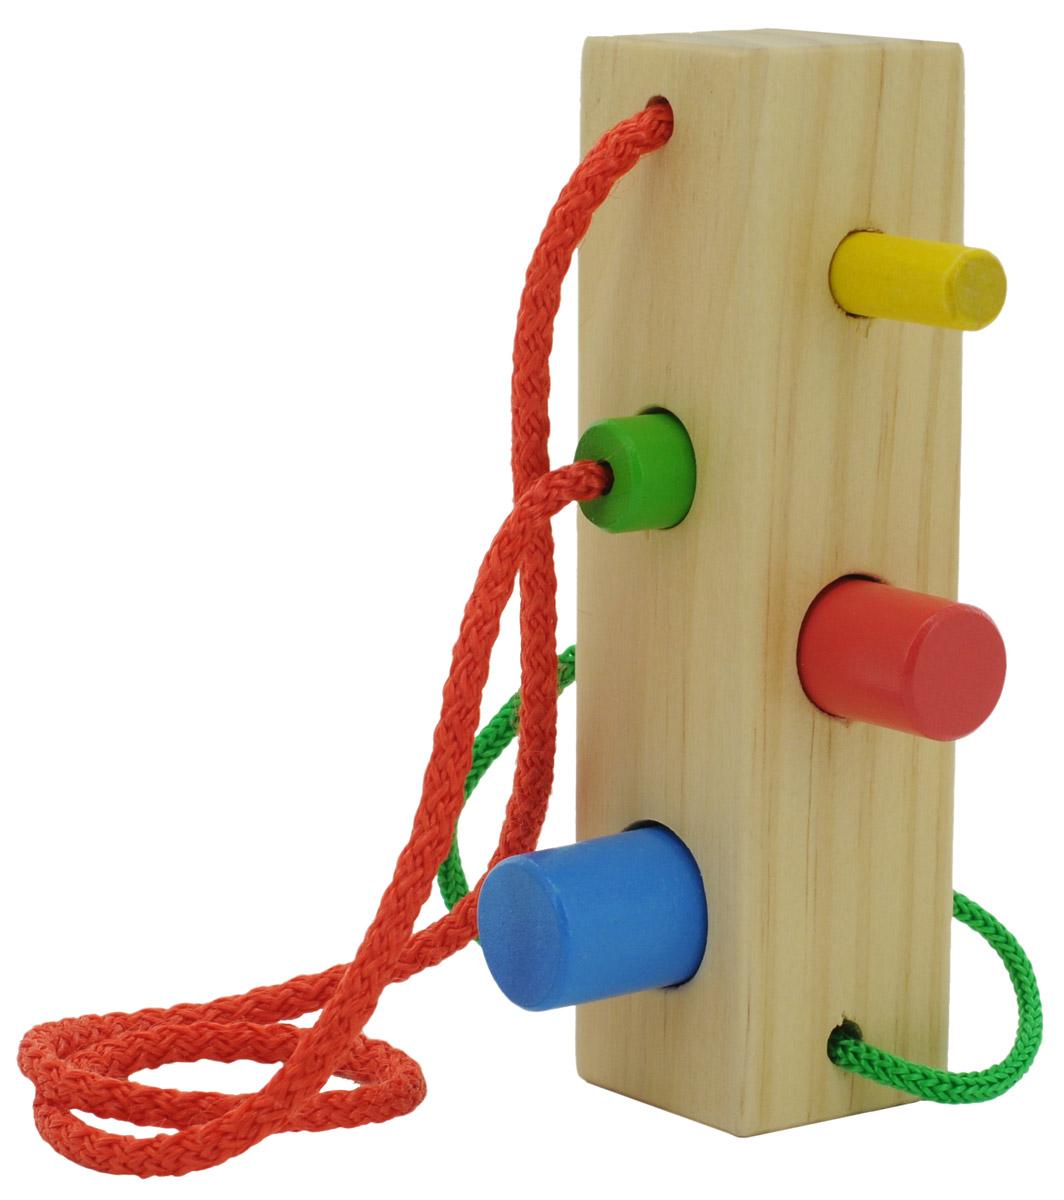 Мир деревянных игрушек Шнуровка-сортер БрусочекД390Шнуровка-сортер Брусочек - это развивающая игрушка, которая прекрасно подойдет детям от трех лет. Она состоит из крупного деревянного бруска с выемками и двух шнурков, которые заканчиваются колышками разных цветов и размеров. Чтобы продеть шнурок в брусок нужно правильно подобрать размер выемки - это занятие надолго увлечет вашего ребенка и будет способствовать его гармоничному развитию. Данная игрушка развивает у детей моторику, учит различать цвета и размеры.